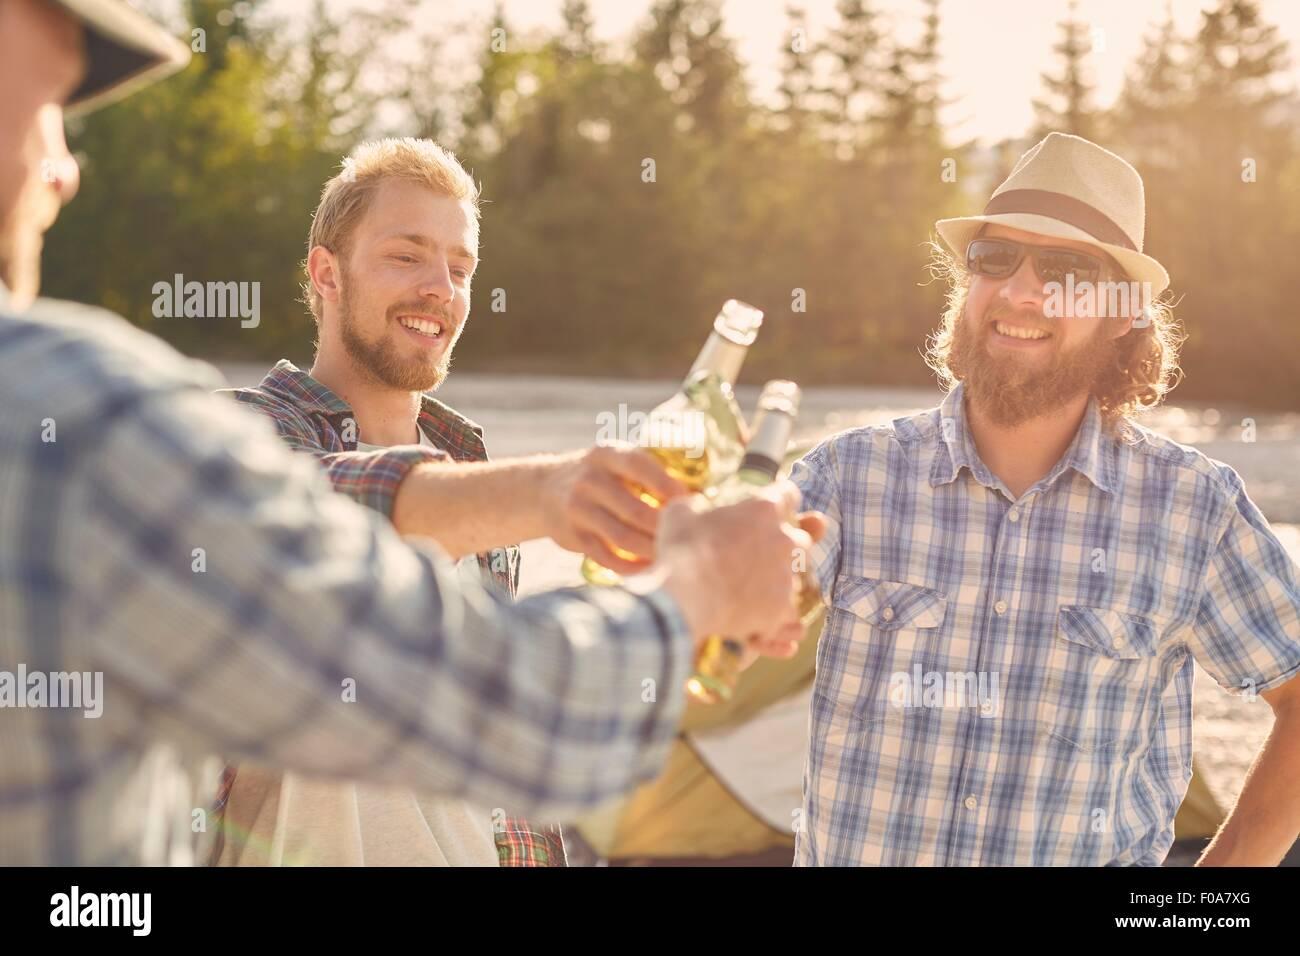 Les hommes de faire un toast avec les bouteilles de bière, smiling Photo Stock